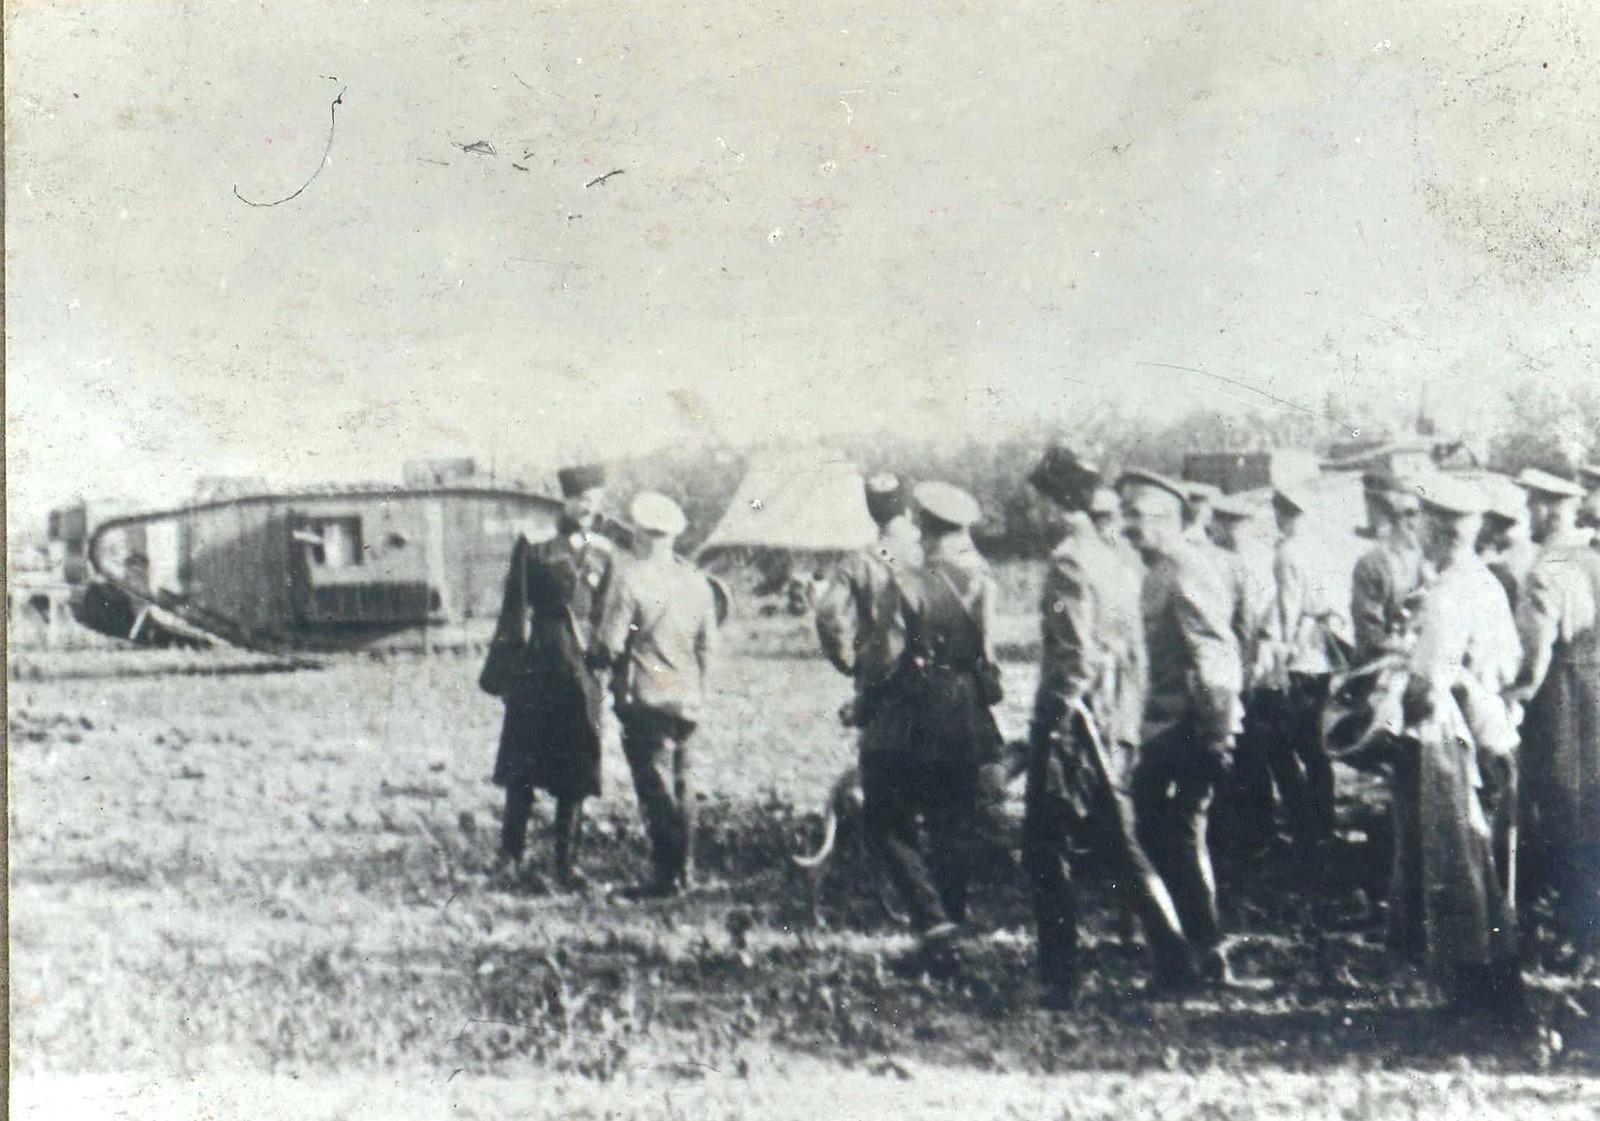 323. 1919. Командующий Кавказской армией генерал П. Врангель во время осмотра танков, прибывших под Царицын